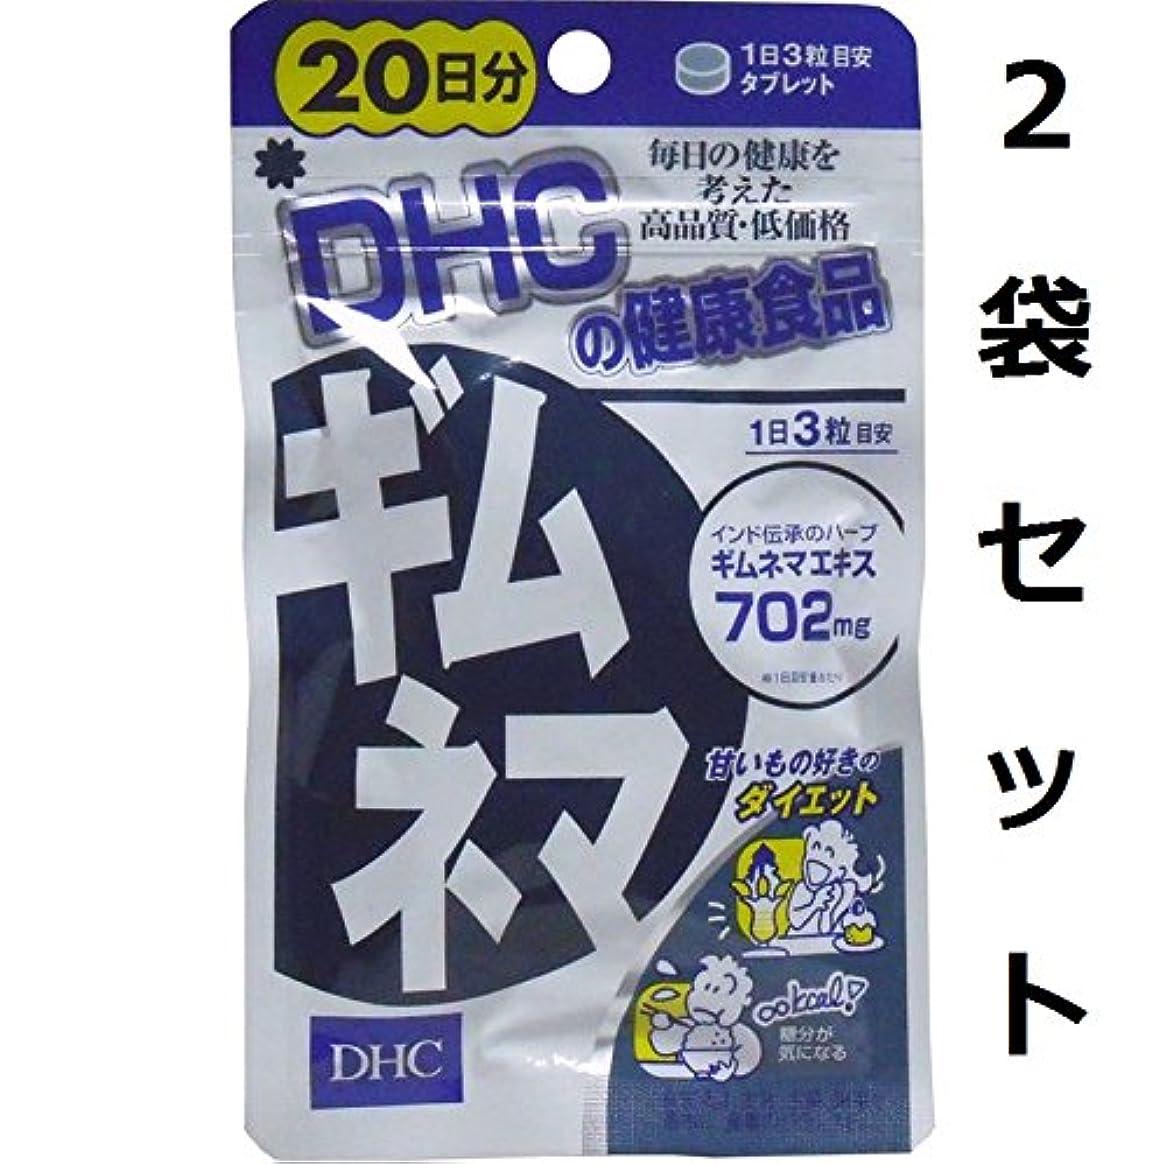 純粋に狂った妥協我慢せずに余分な糖分をブロック DHC ギムネマ 20日分 60粒 2袋セット